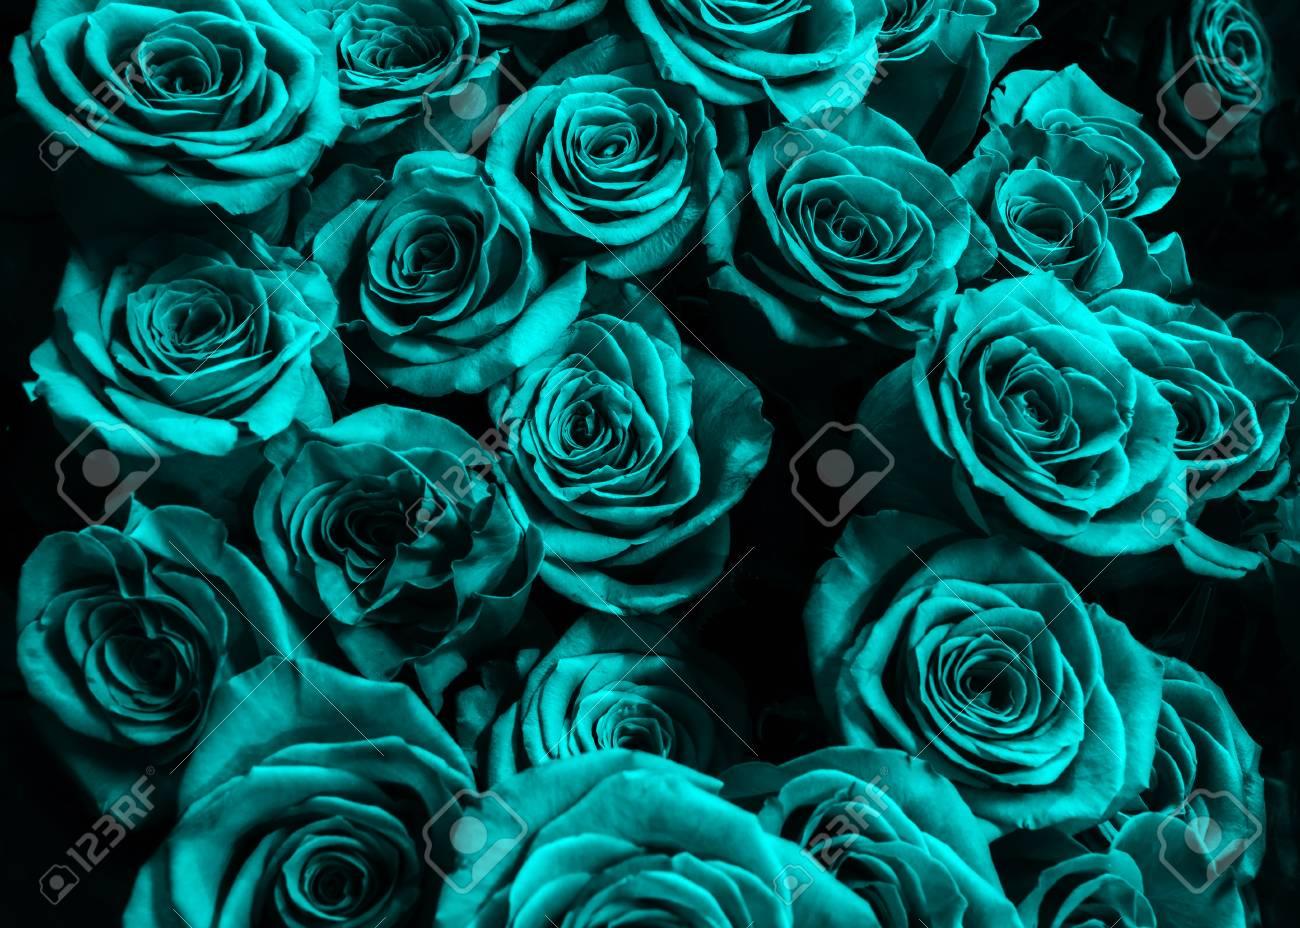 Fondo De Rosas Azules Aislados Sobre Fondo Negro Rosas Magníficas